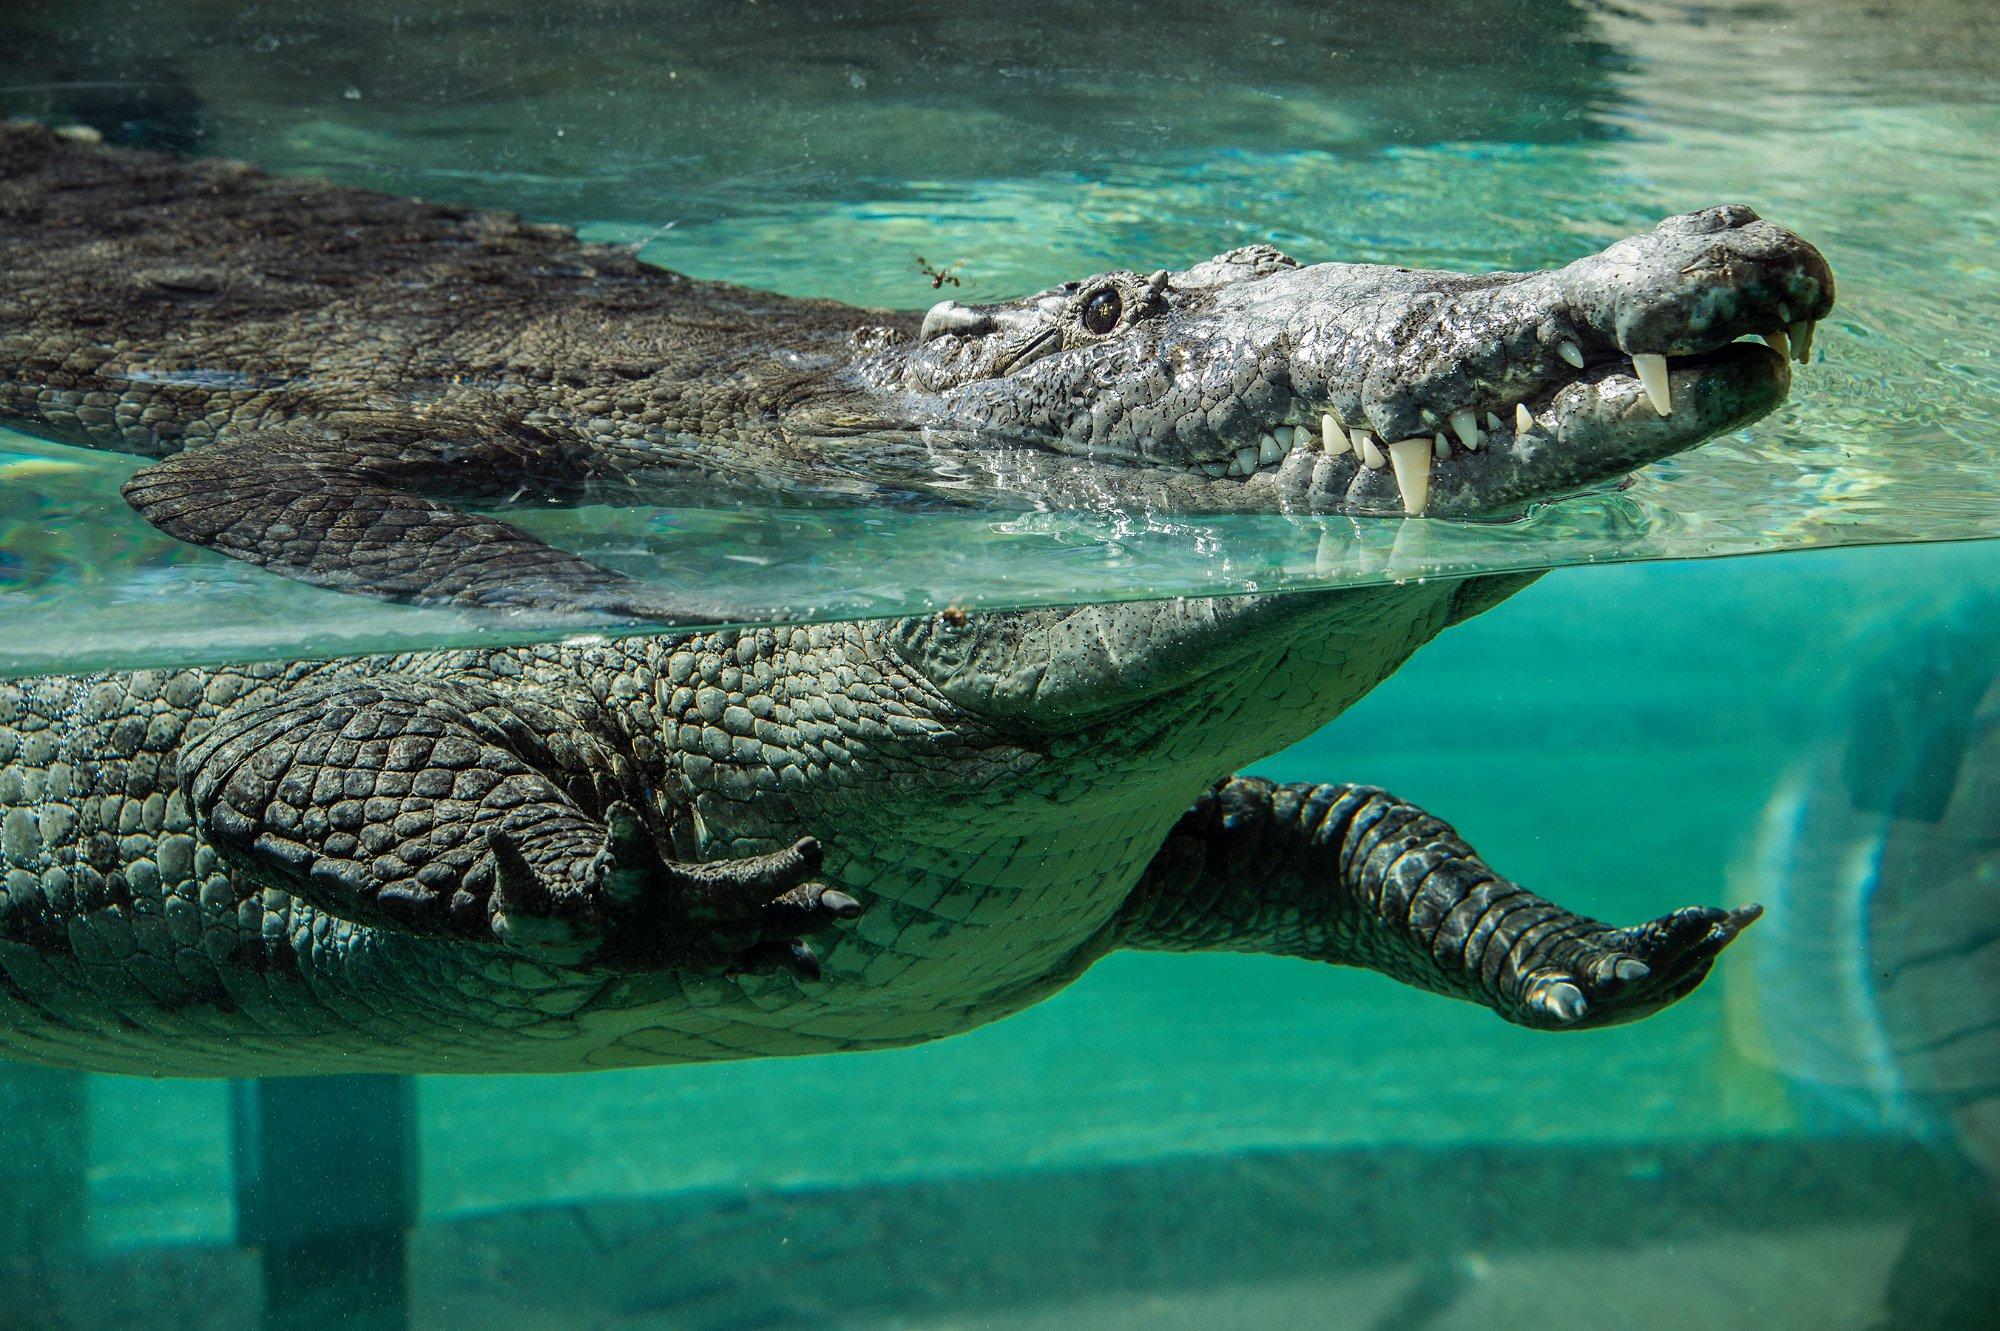 Зоопарк Майами (Зоологический парк и сады Майами-Дейд, Зоопарк Майами Метро)